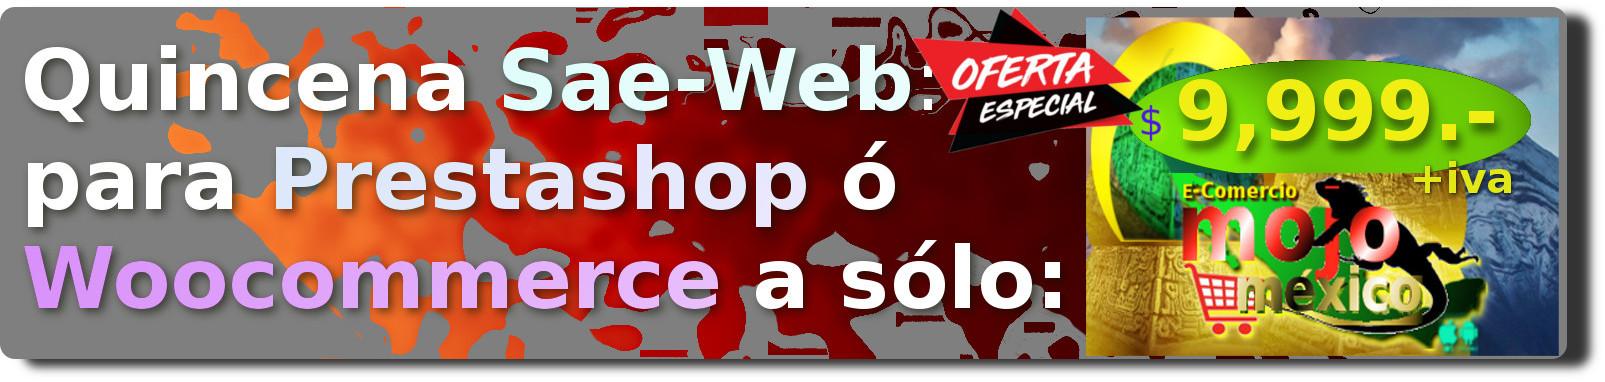 Conexion SAE-web Mojomexico sitio oficial